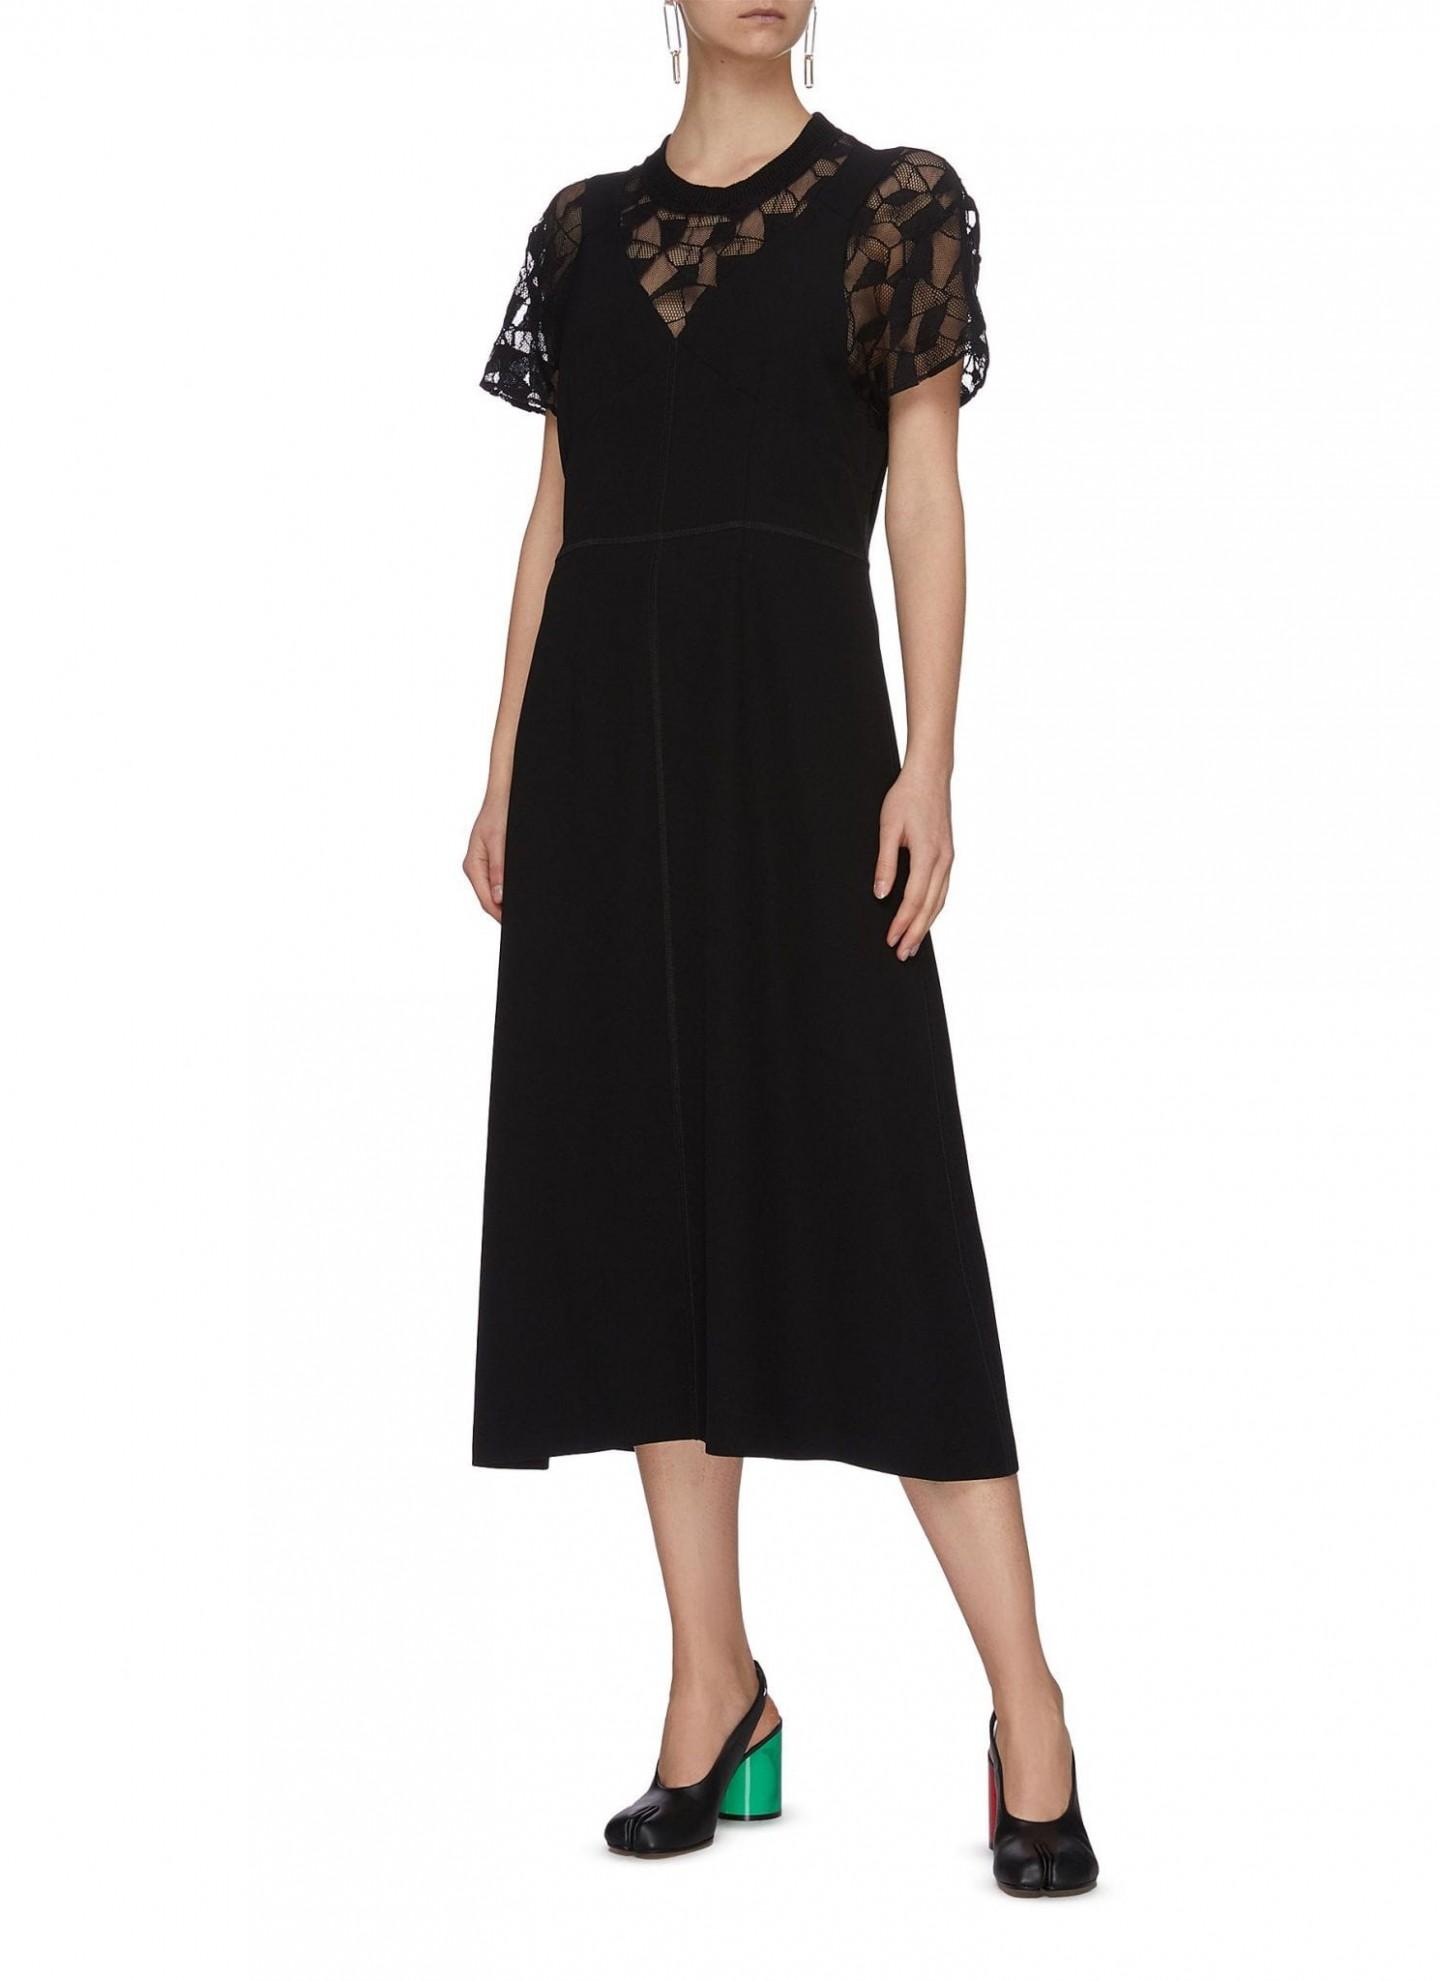 MAISON MARGIELA Lace Underlay Satin Crepe Midi Dress